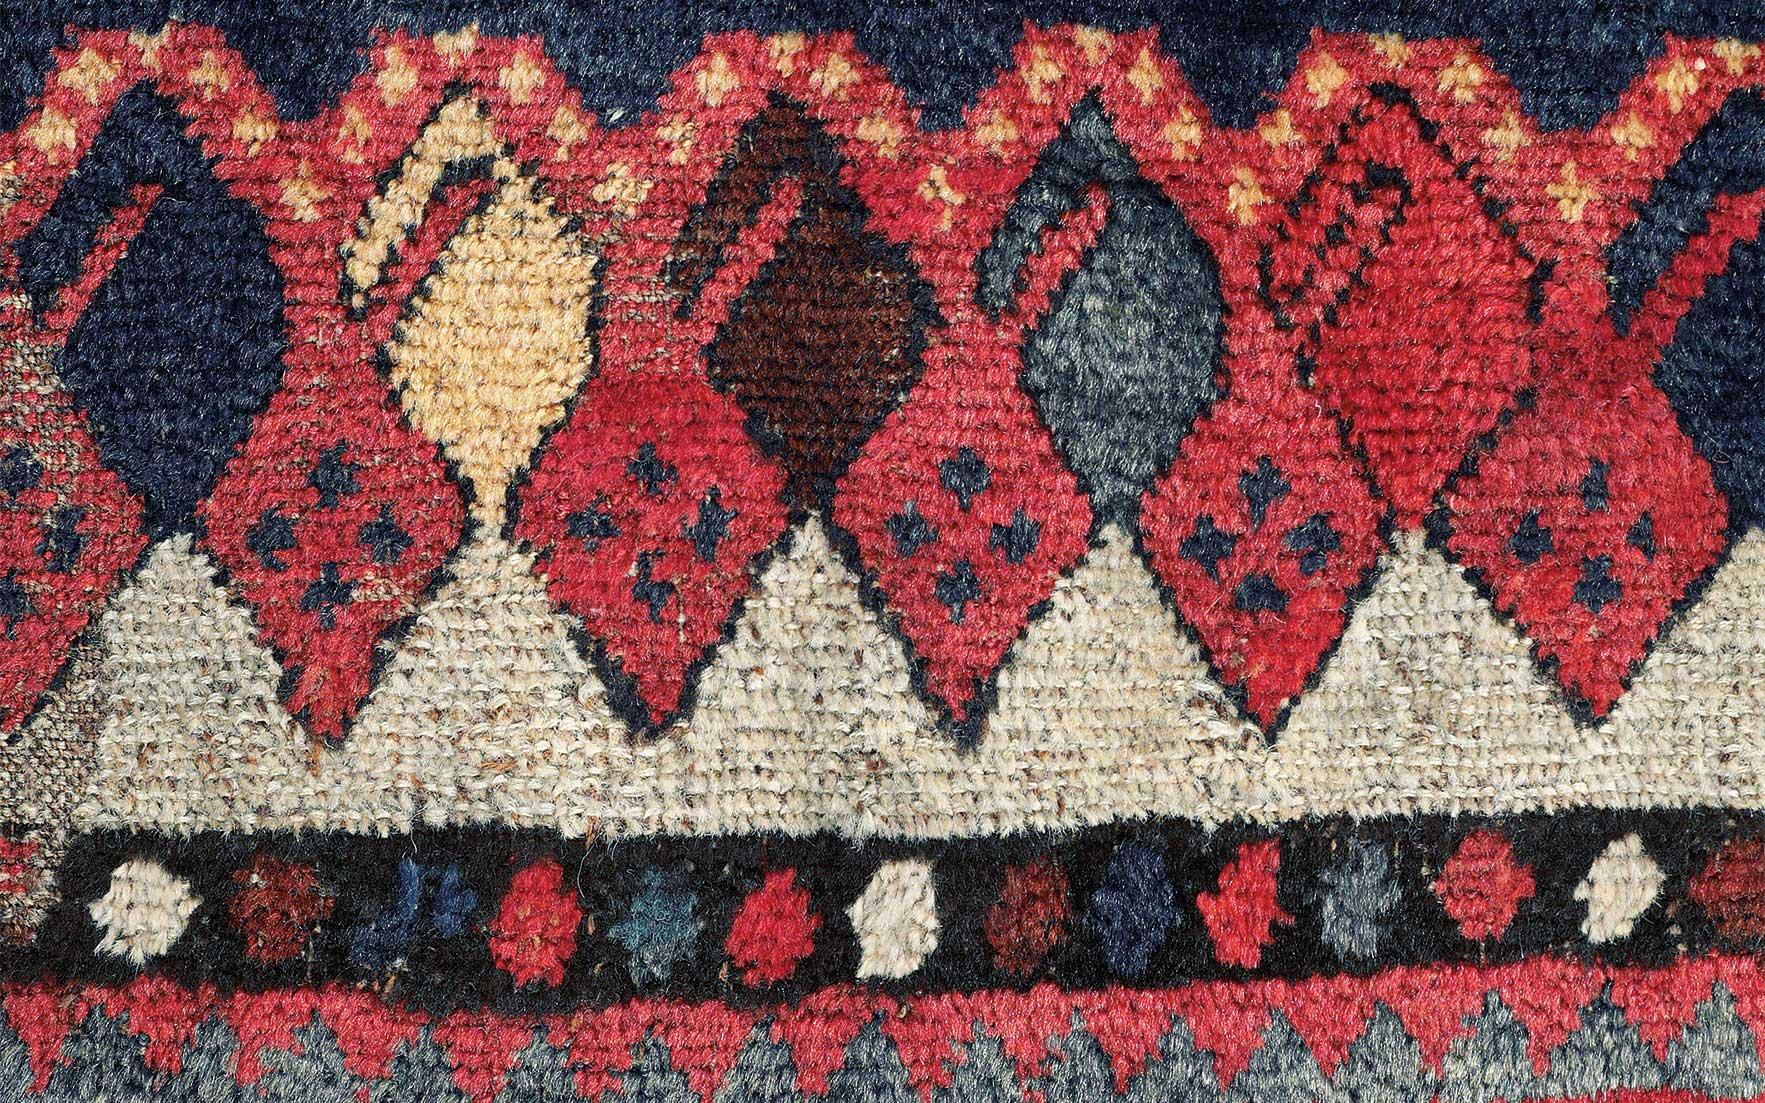 Tappeti orientali: i significati dietro i disegni (Tappeti Antichi,Fonte: Christie's)